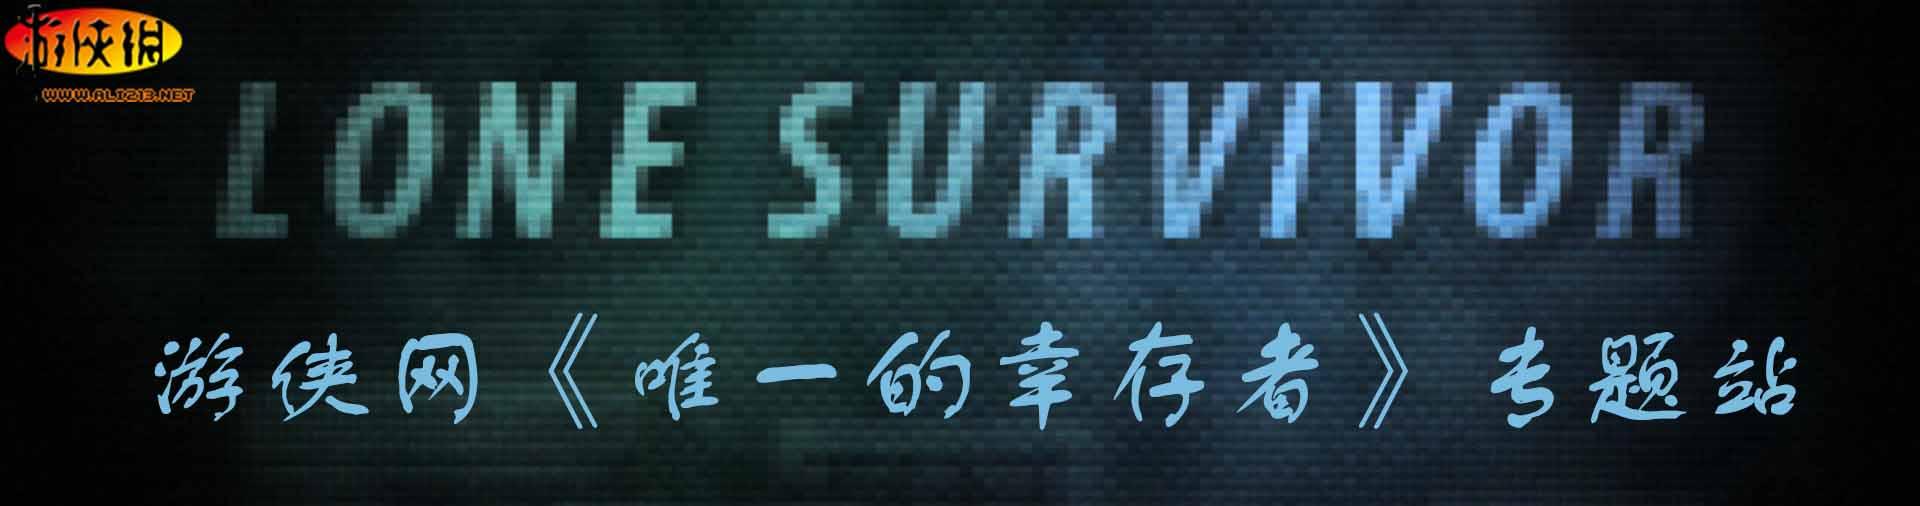 唯一的幸存者